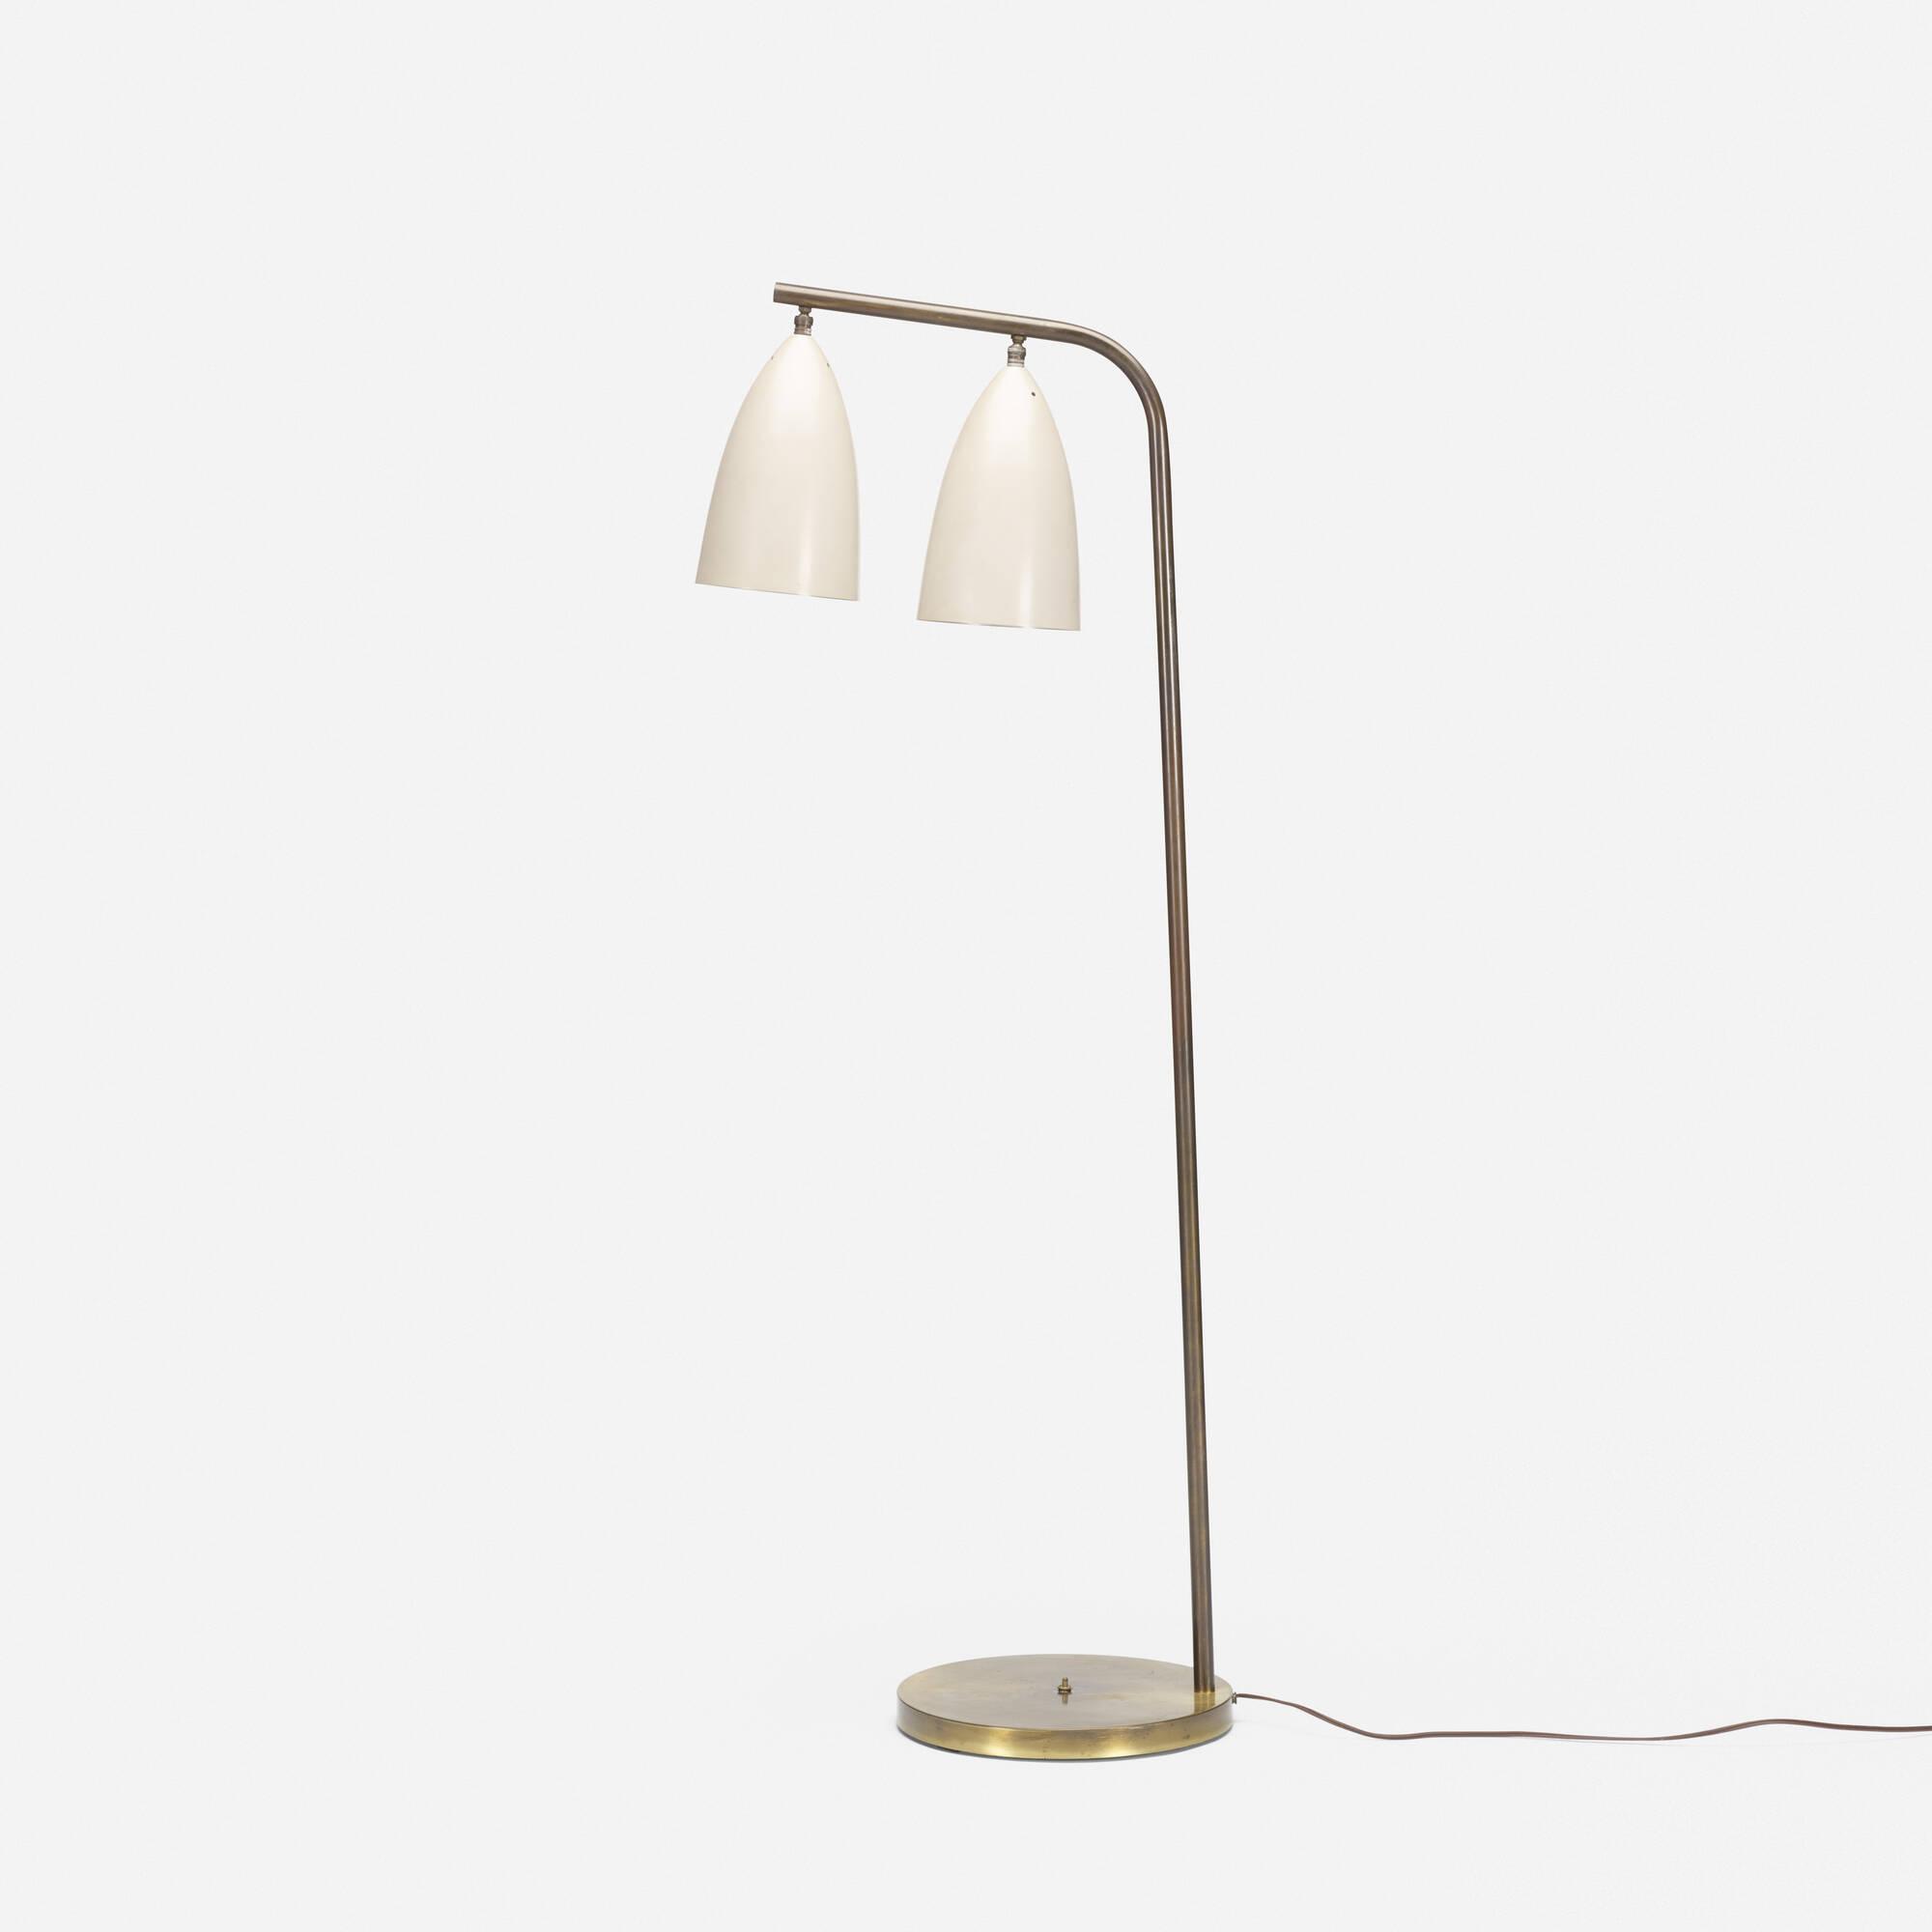 285 Greta Magnusson Grossman Floor Lamp Design 22 March 2018